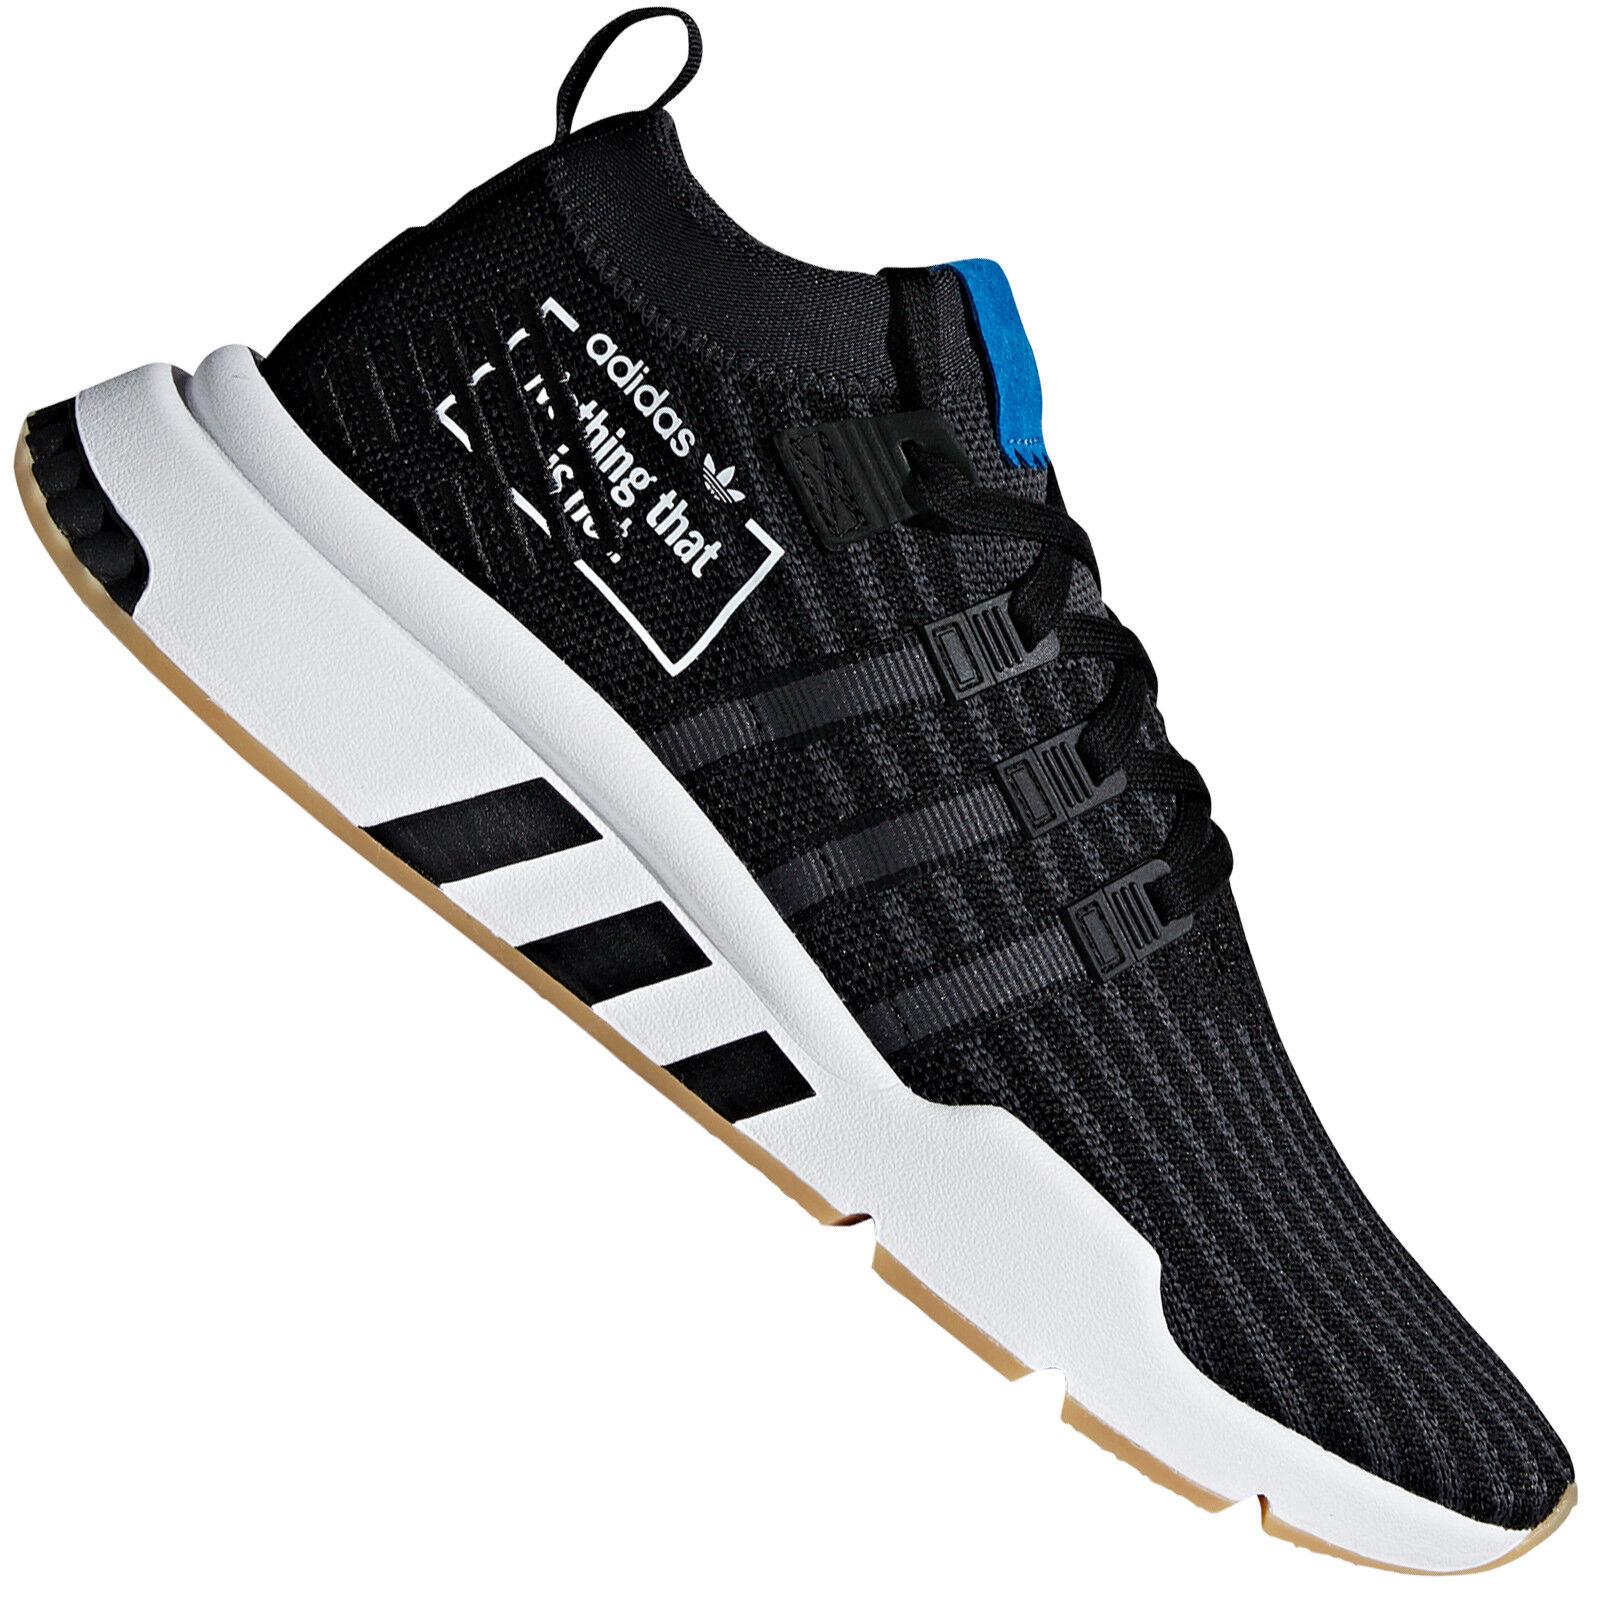 Adidas Originals Eqt Ayuda de Equipo Medio Adv Zapatillas Hombre Deportivas